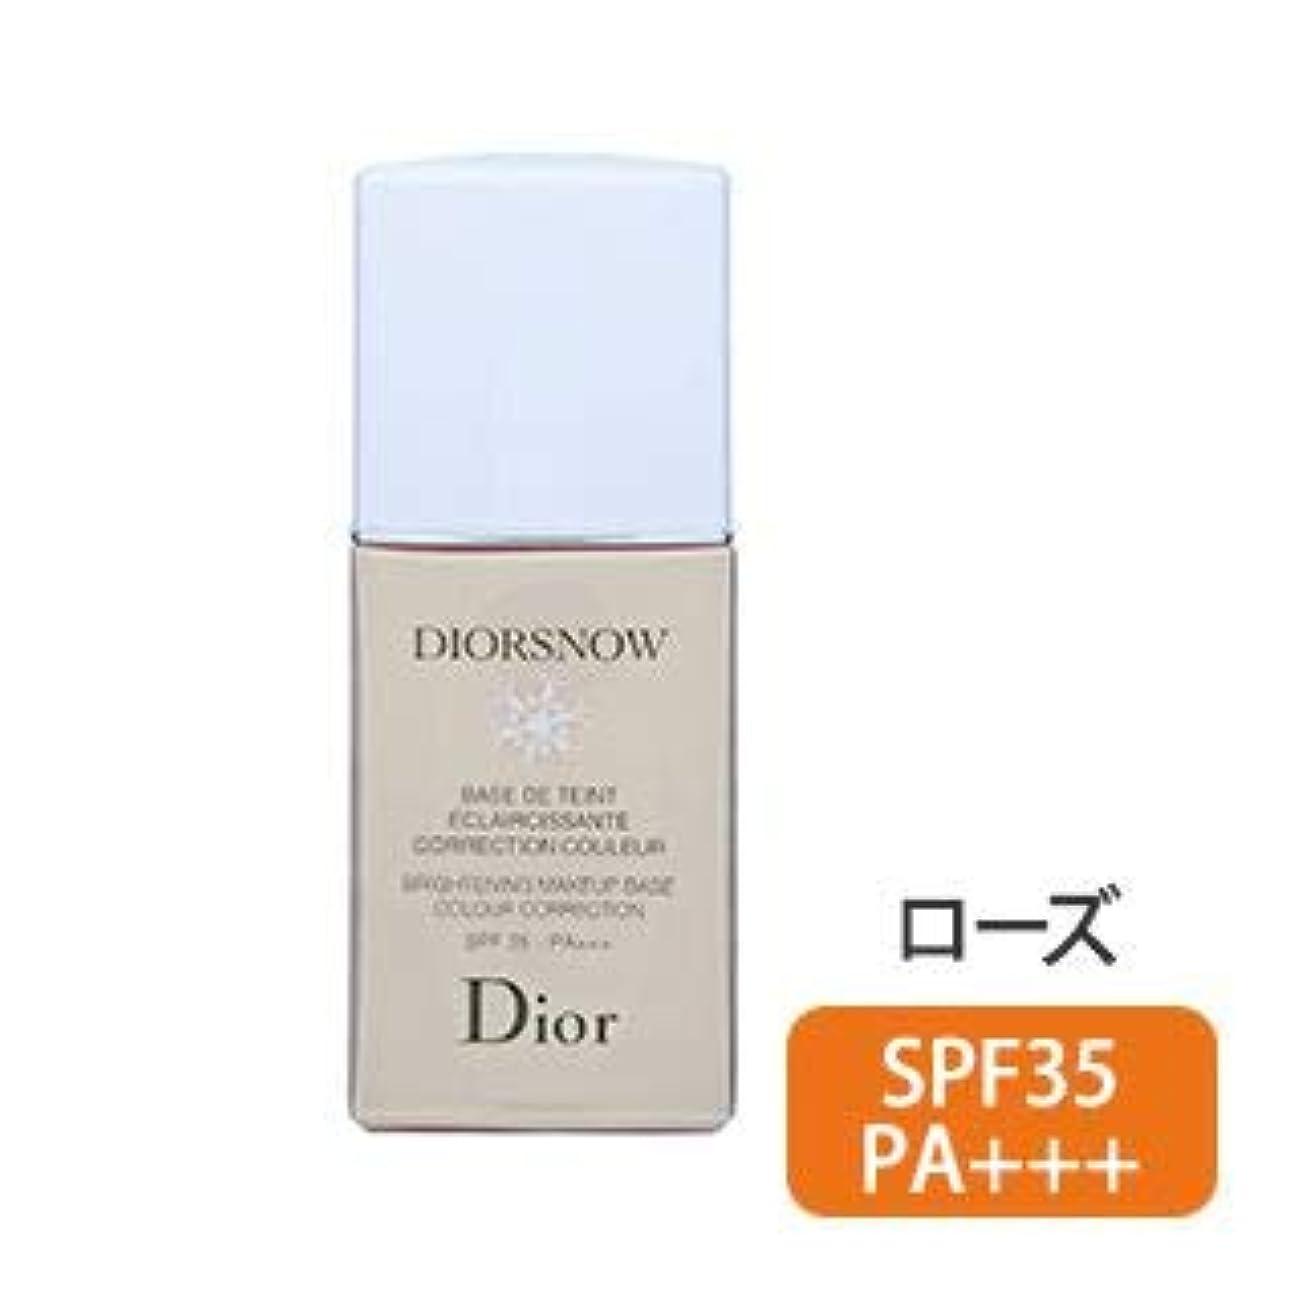 吐き出すほのか断言するディオール(Dior) スノー メイクアップ ベース UV35 (ローズ) [並行輸入品]